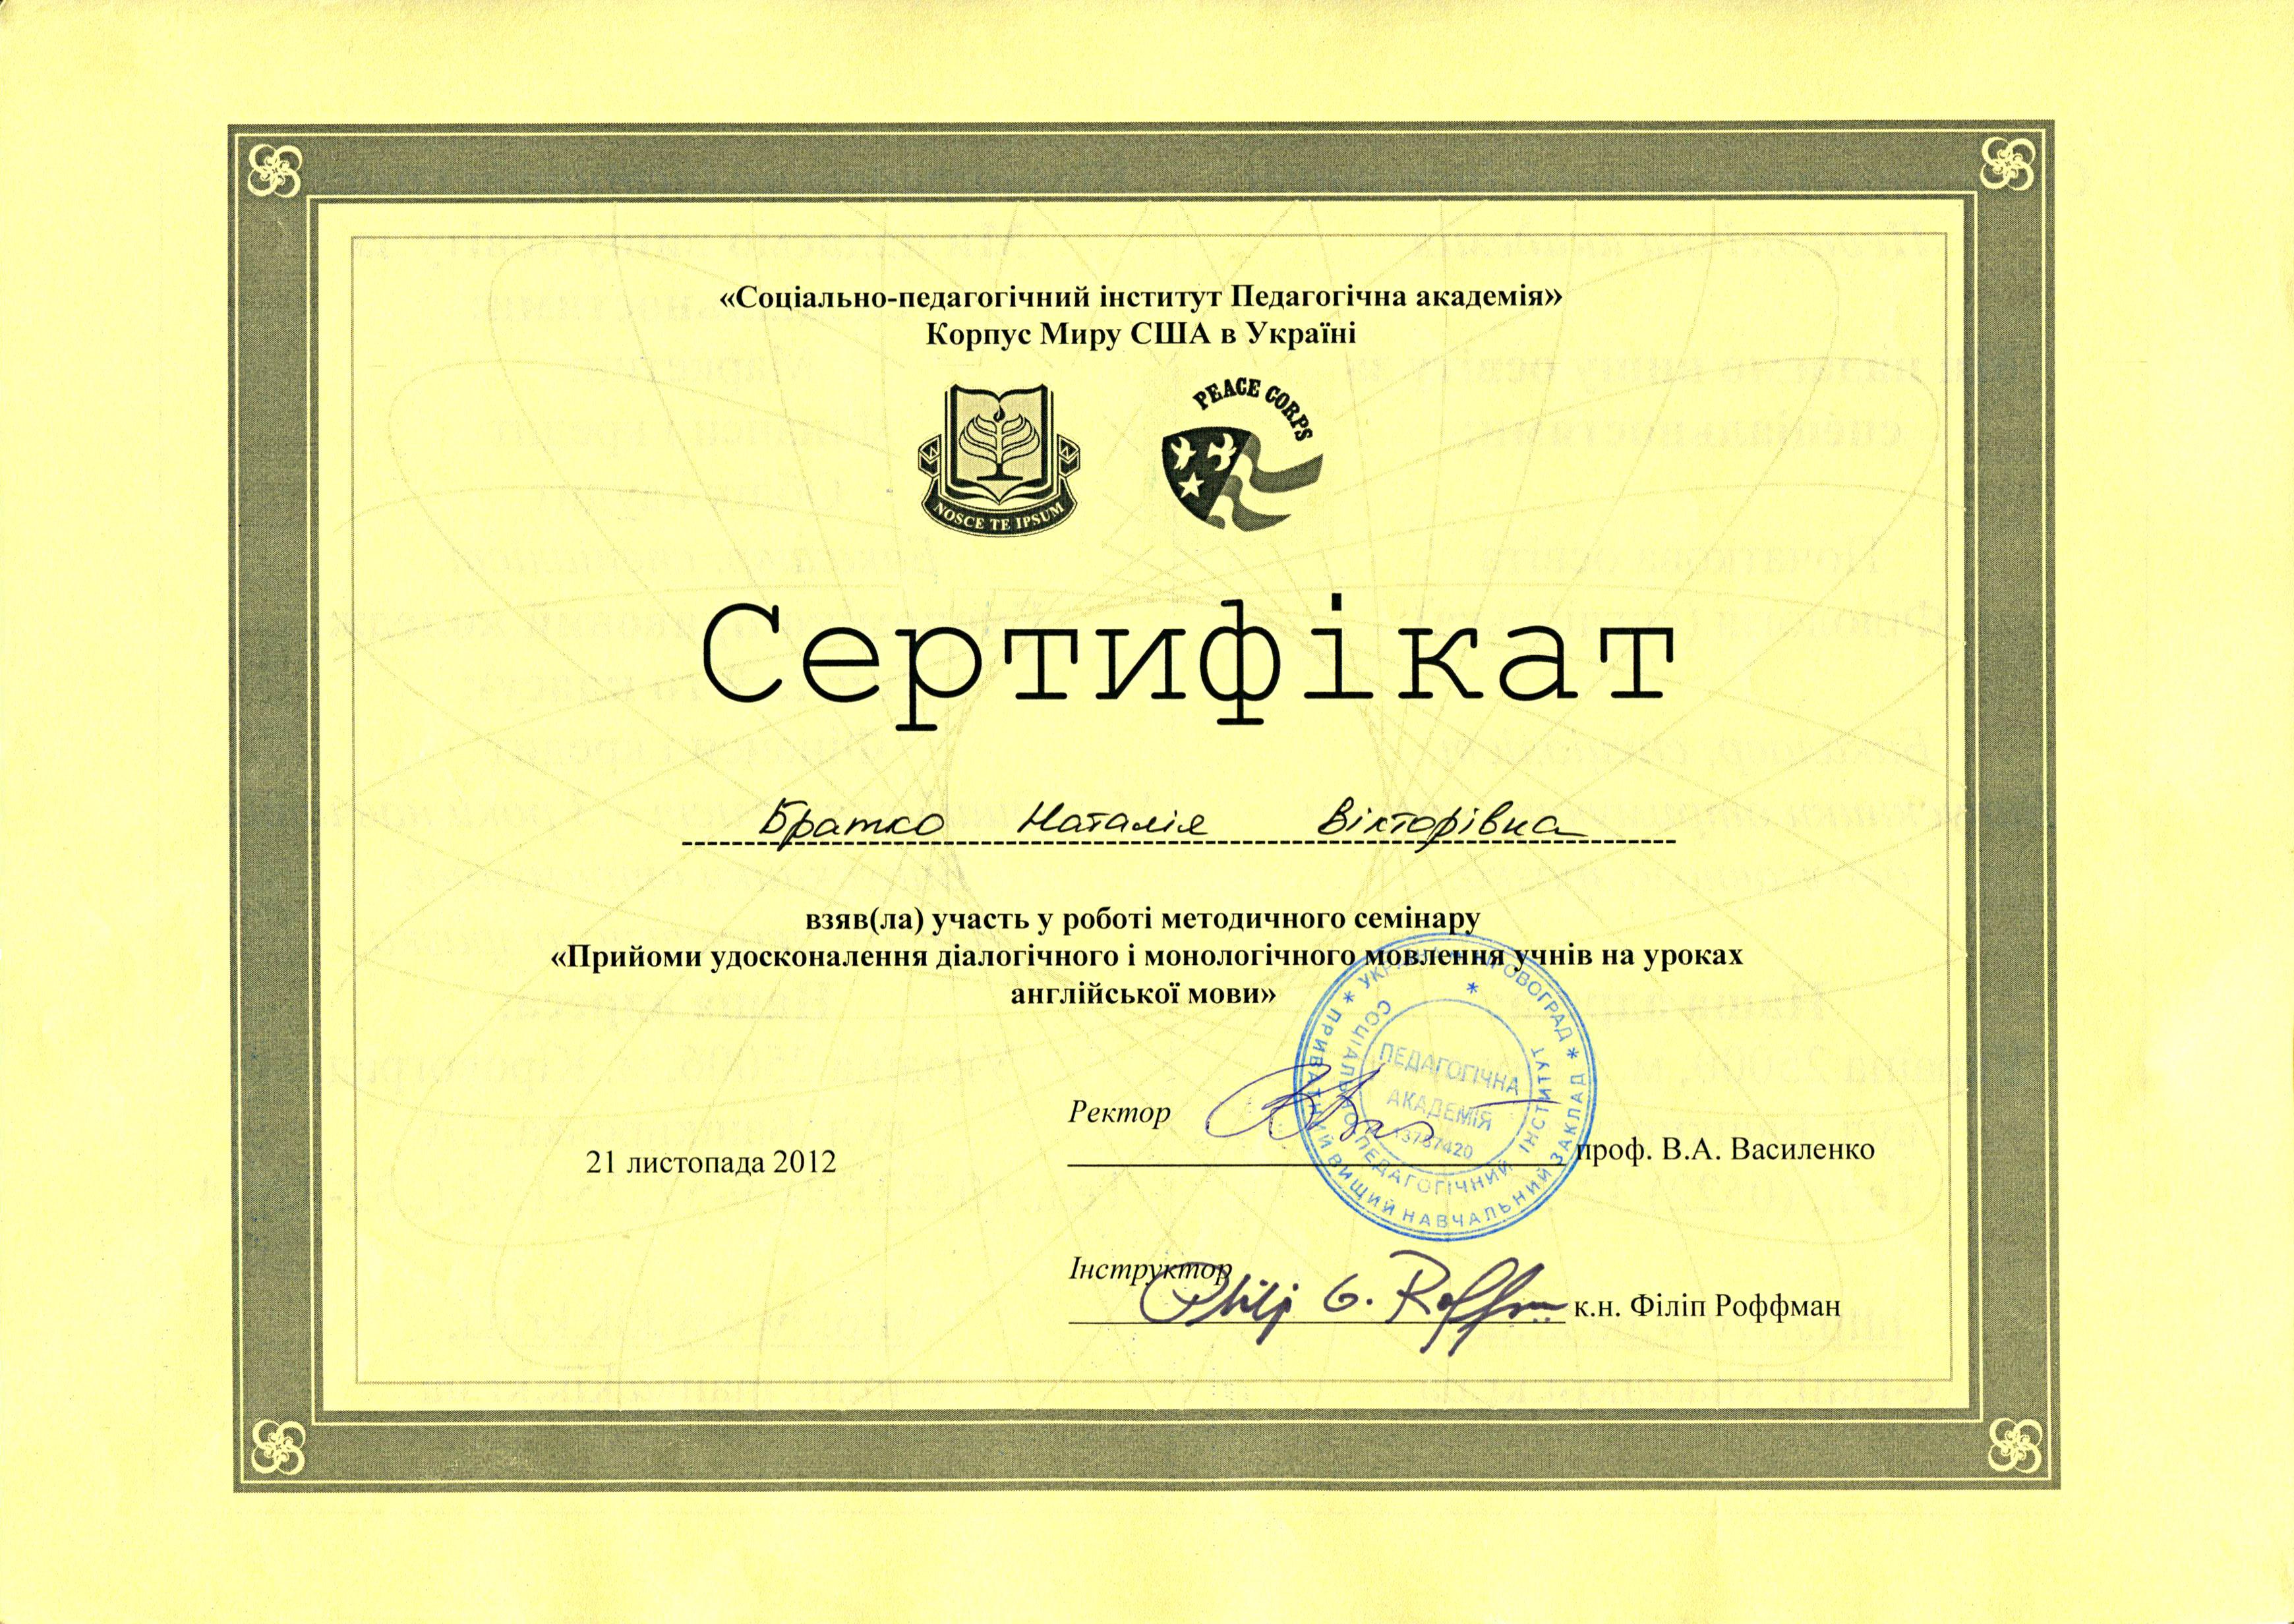 """Сертифікат за участь у семінарі """"Прийоми удосконалення діалогічного і монологічного мовлення на уроках англійської мови"""""""